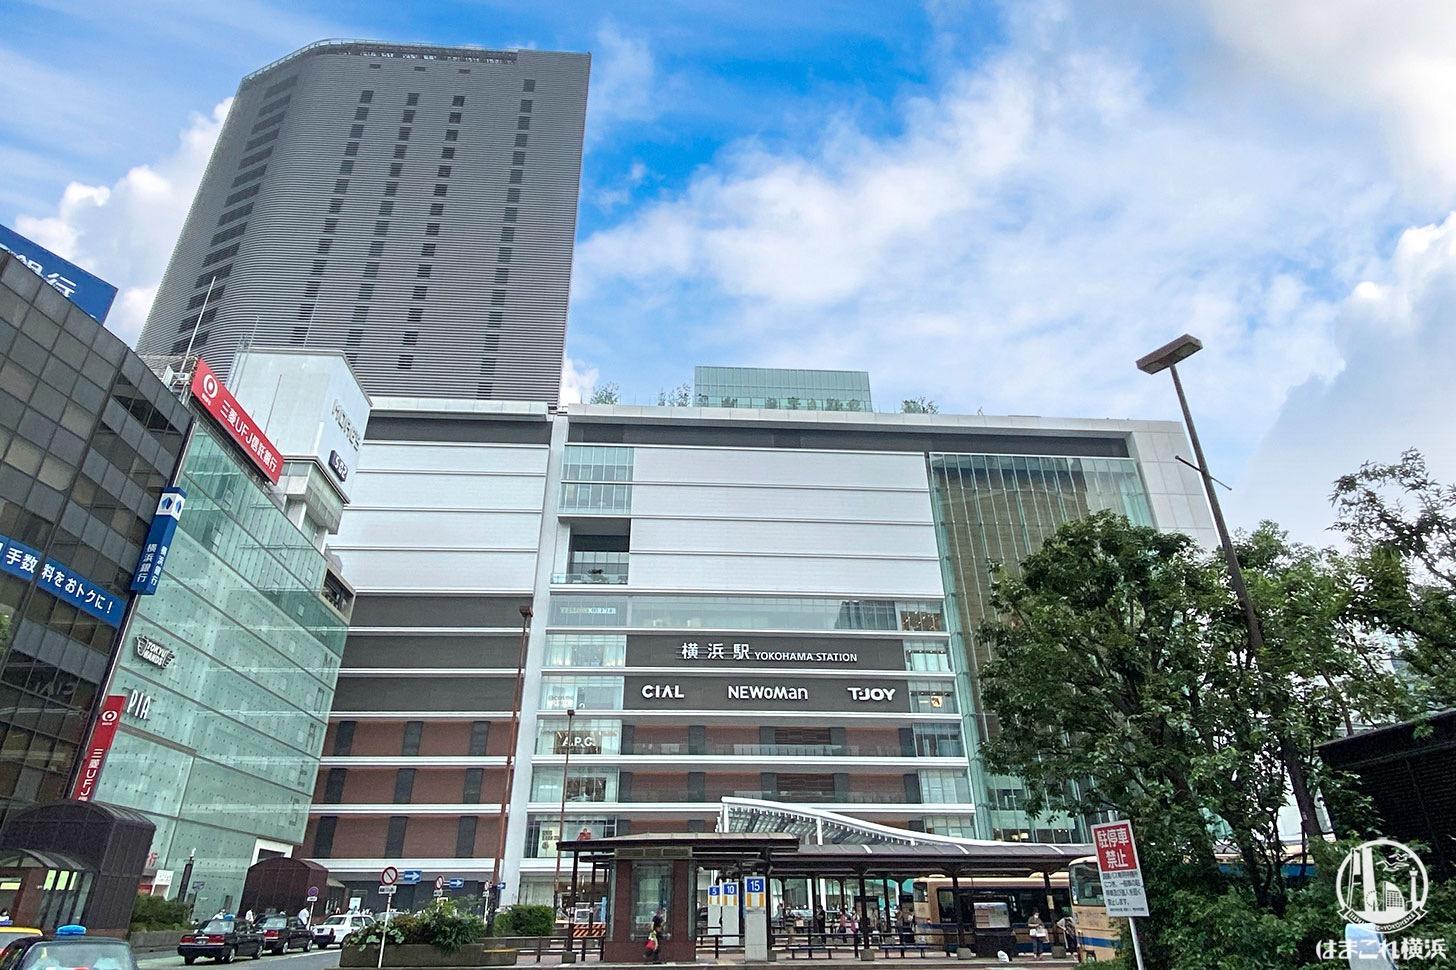 横浜駅 駅ビル「JR横浜タワー」開業日決定!ニュウマンやシァル、T・ジョイ、屋上広場も